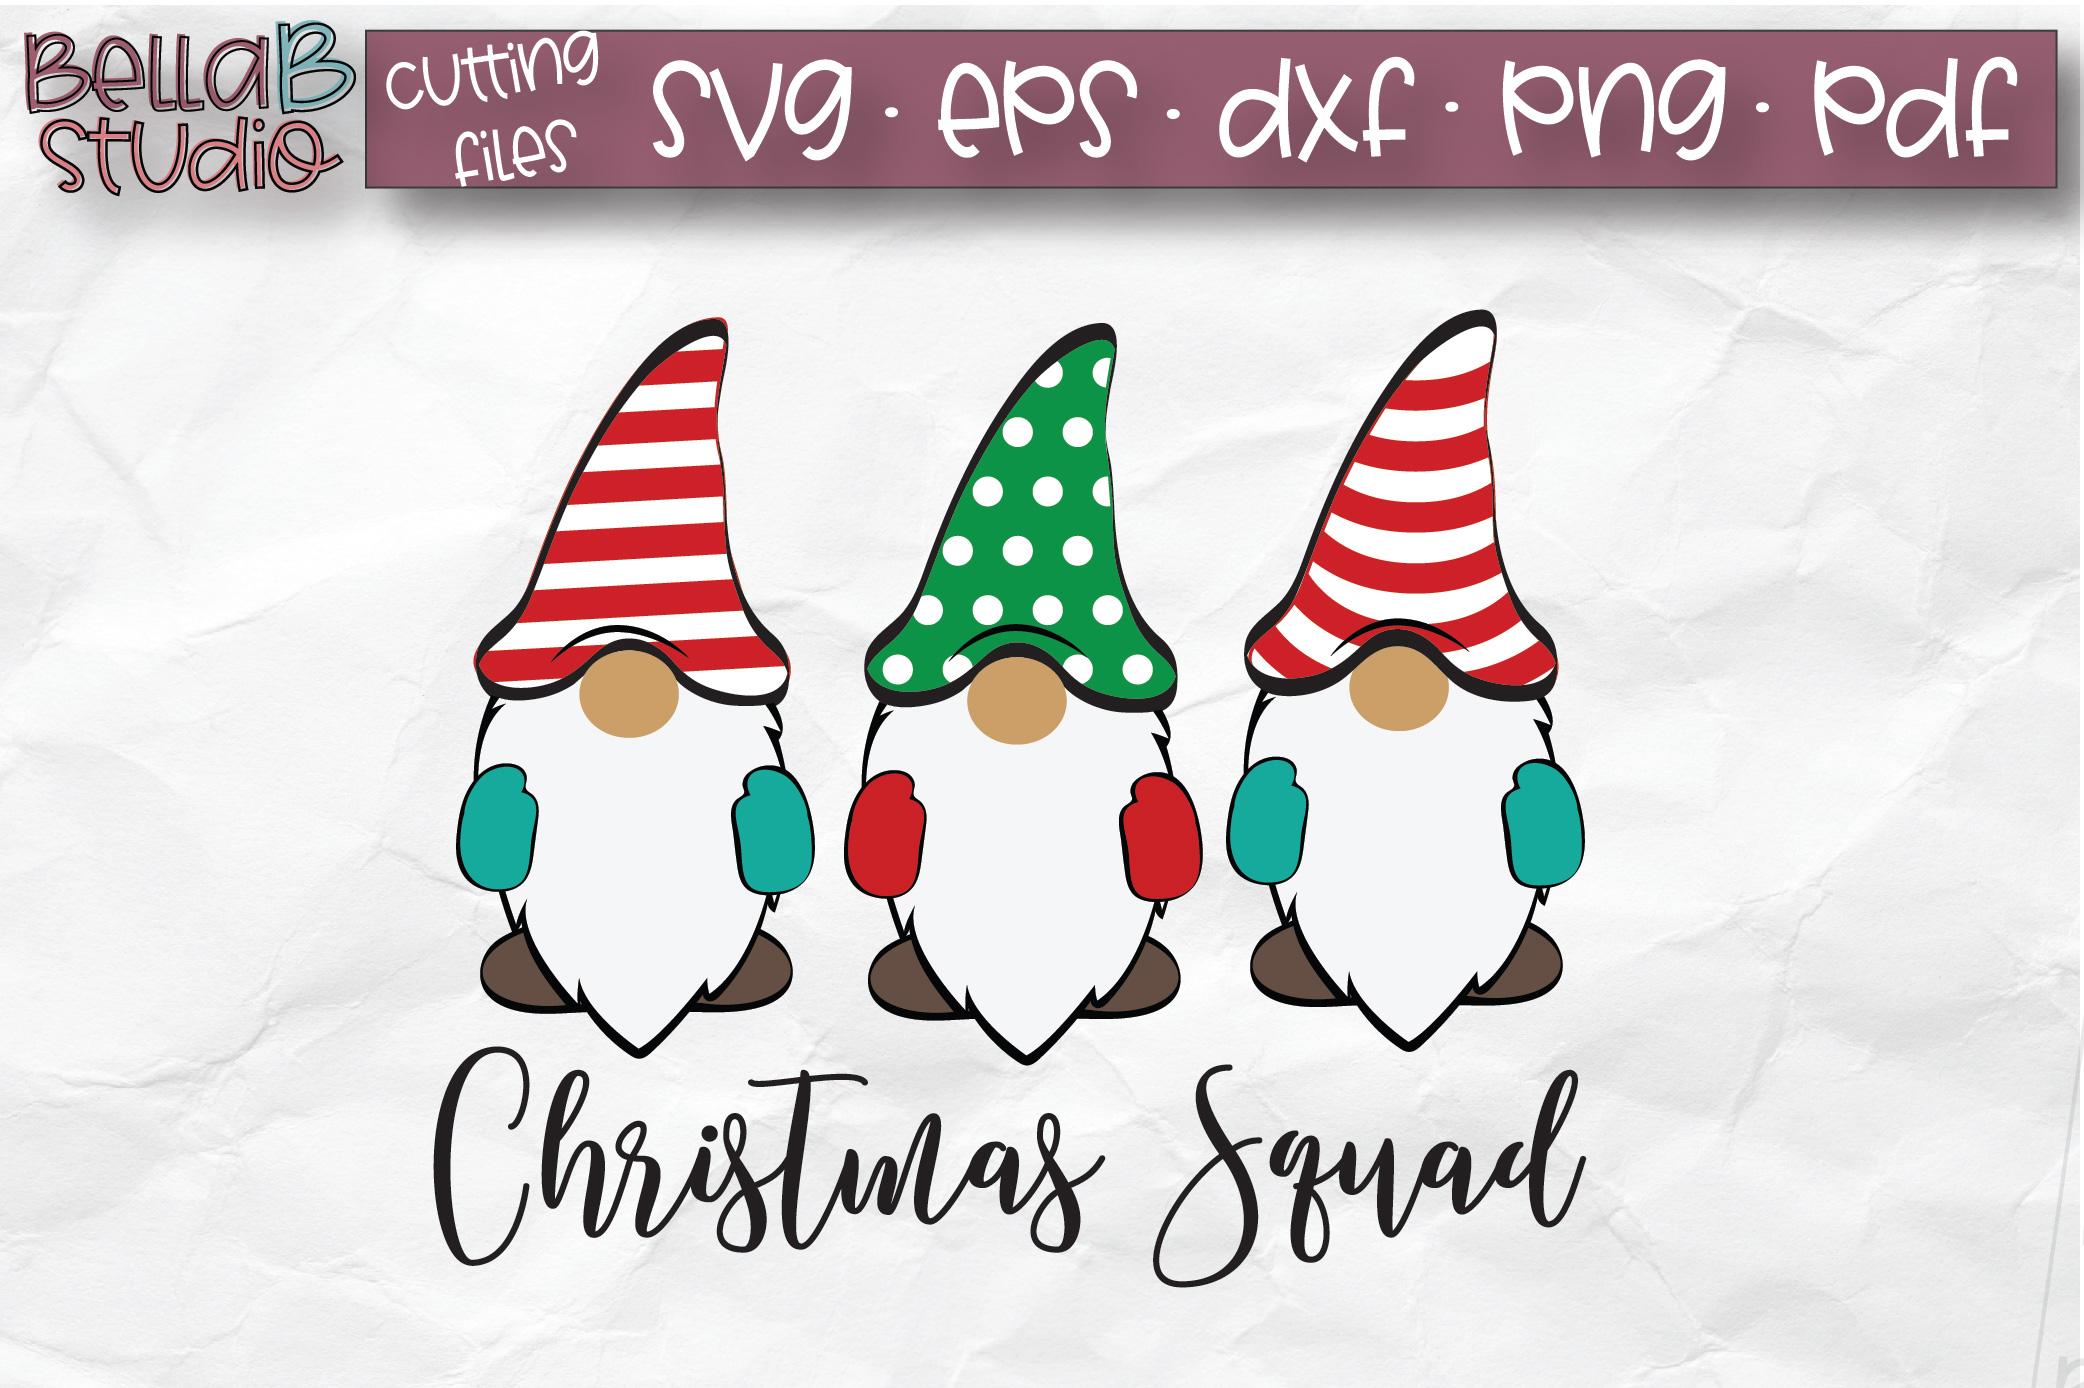 Christmas Gnomes Svg.Christmas Gnomes Svg Christmas Squad Svg Cut File